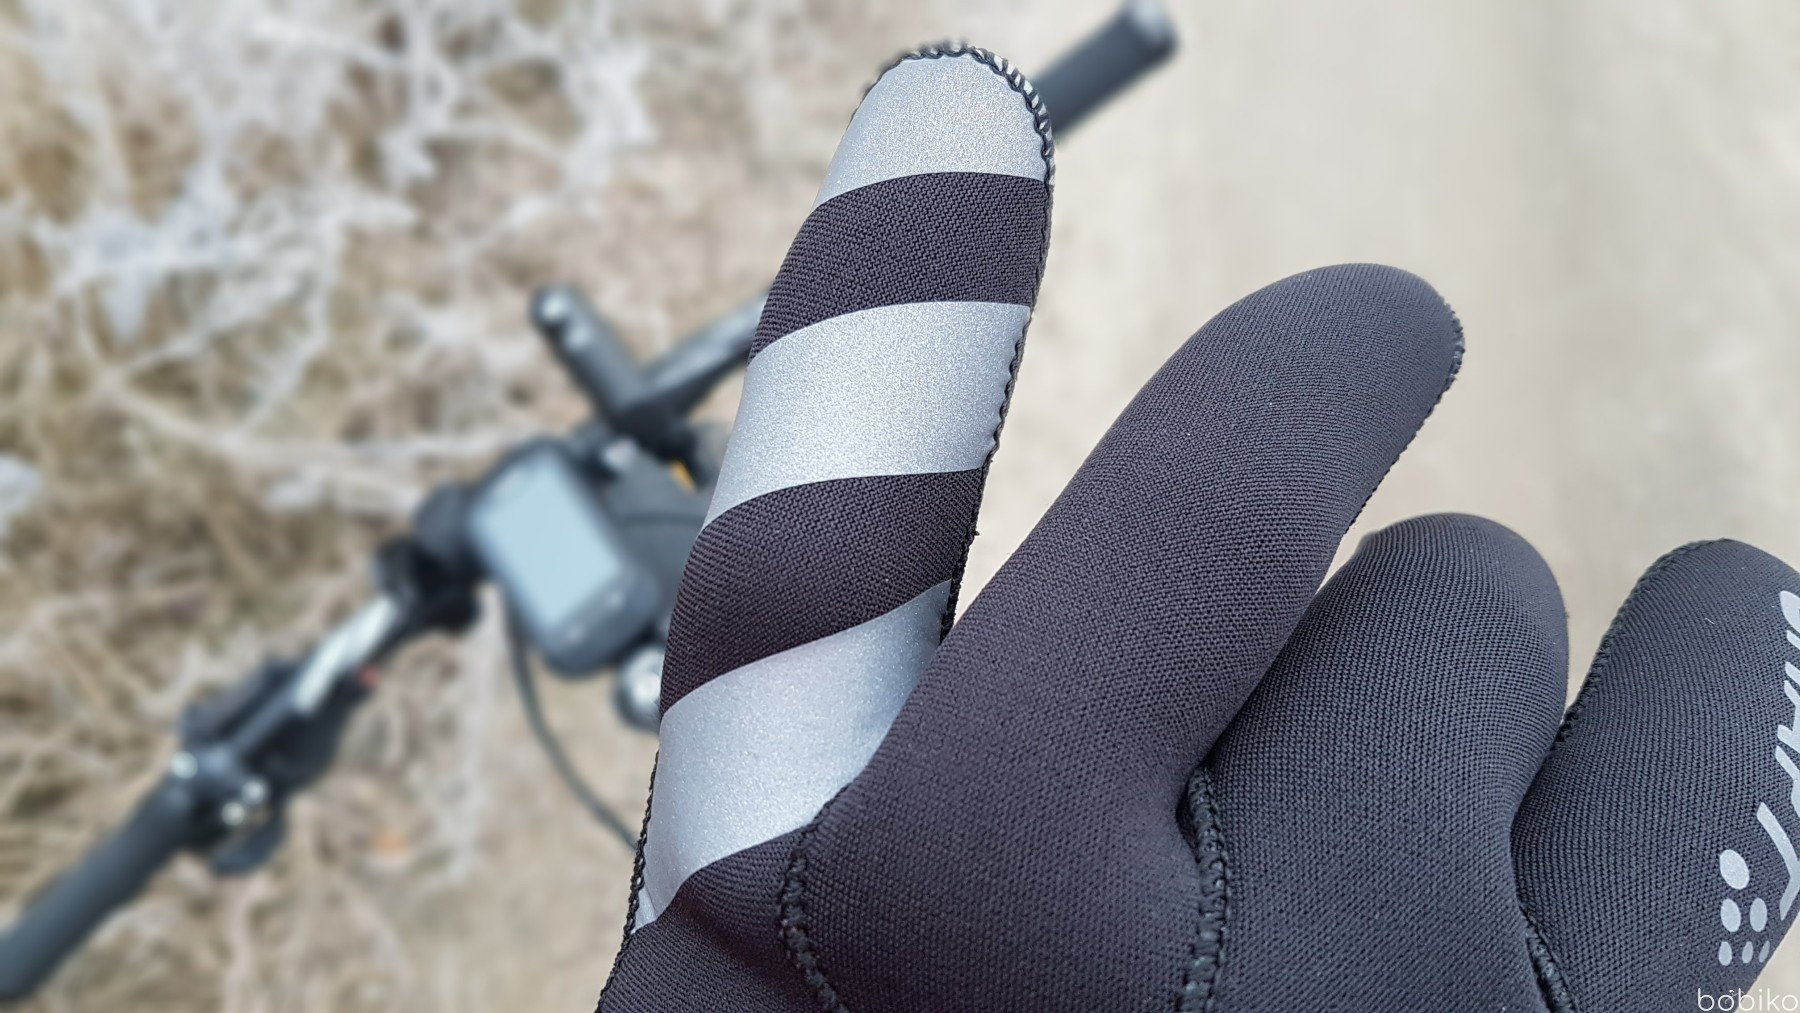 craft neoprene glove